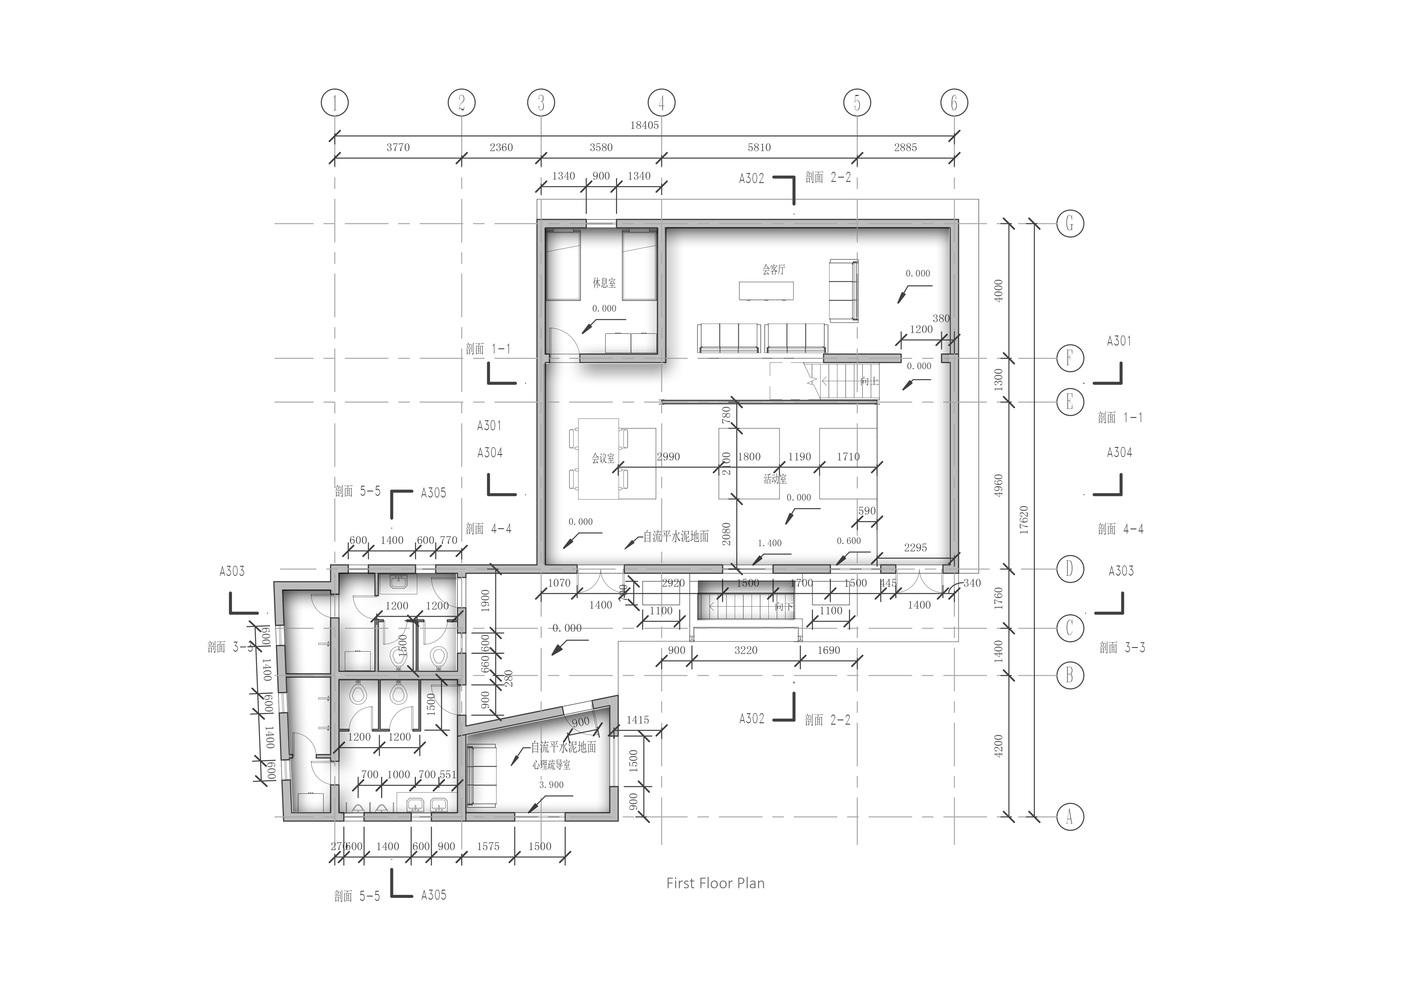 pump house renovation nan architects jwda [ 1414 x 1000 Pixel ]